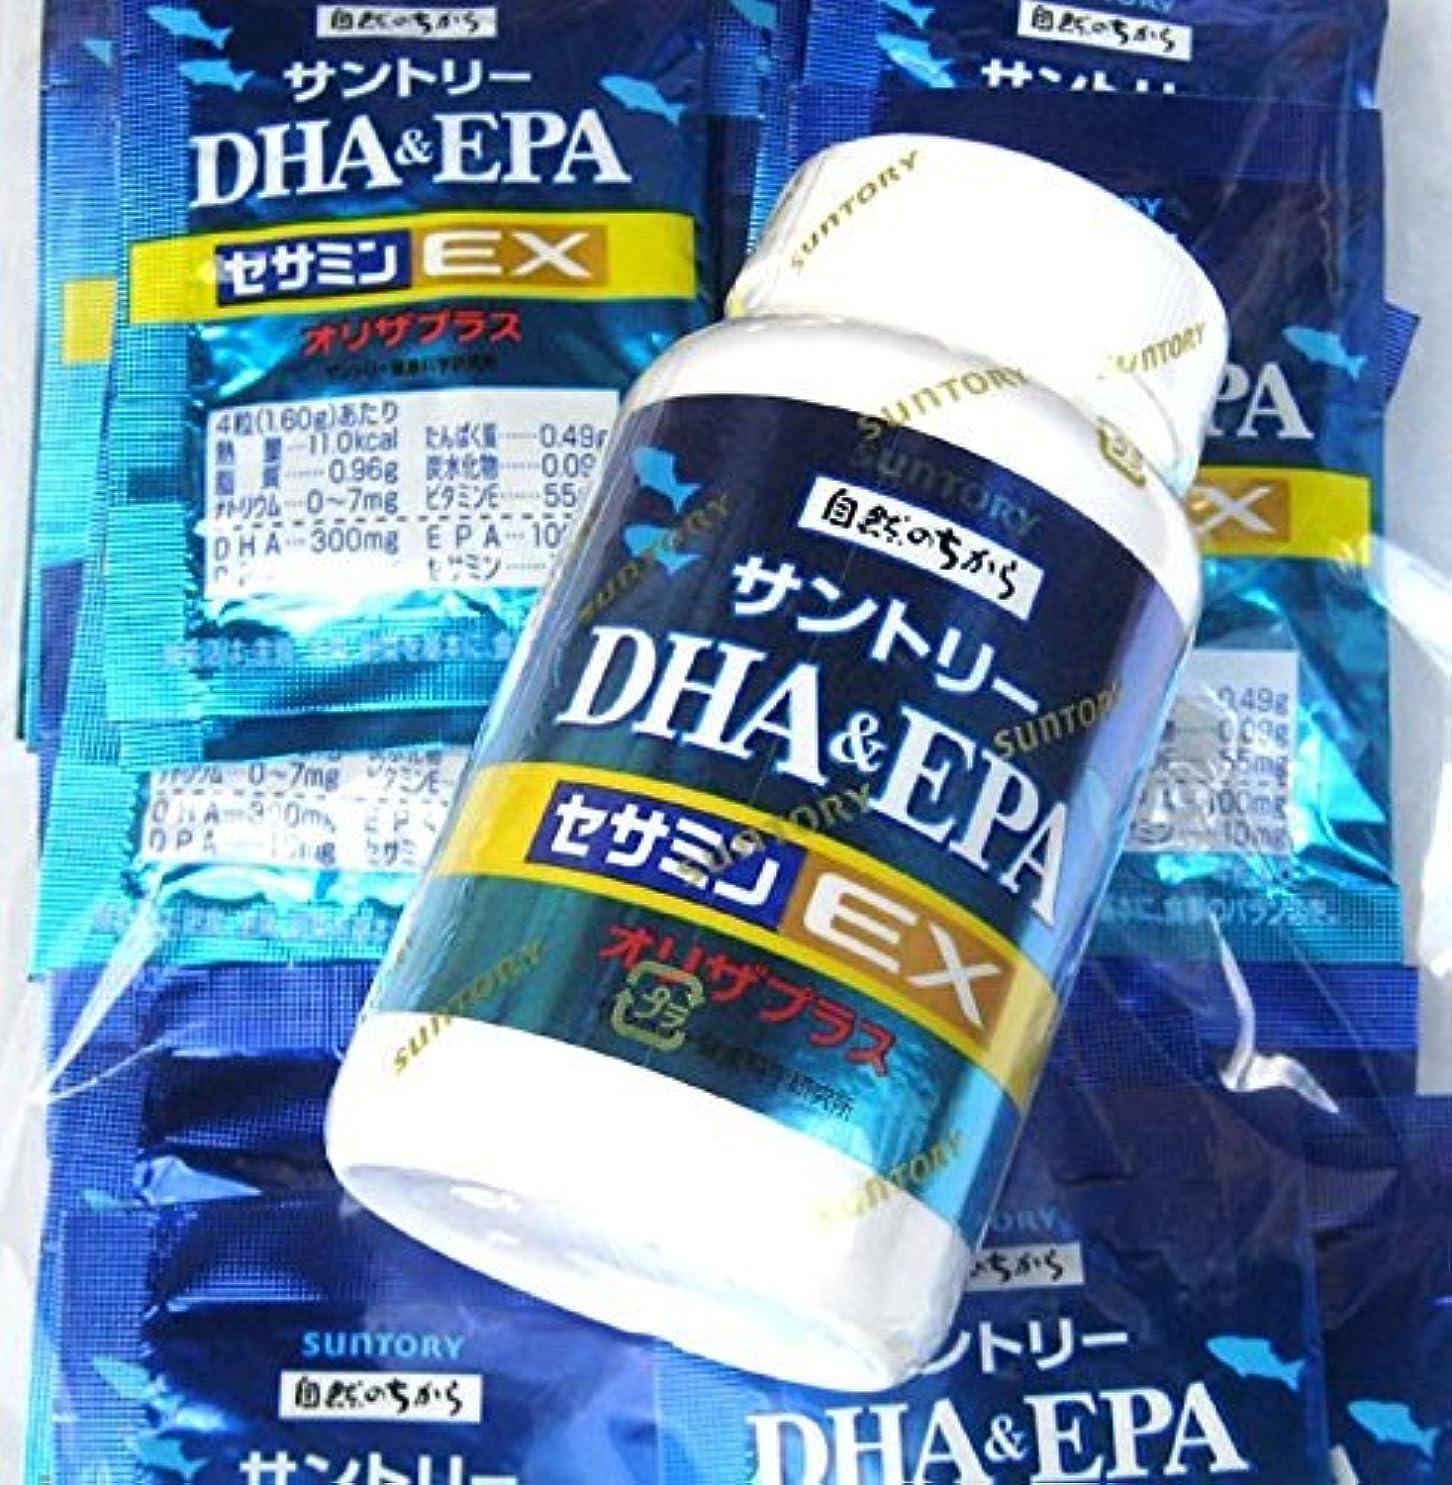 乳退化する専門化するサントリー DHA&EPA+セサミンEX 360粒 (240粒+120粒